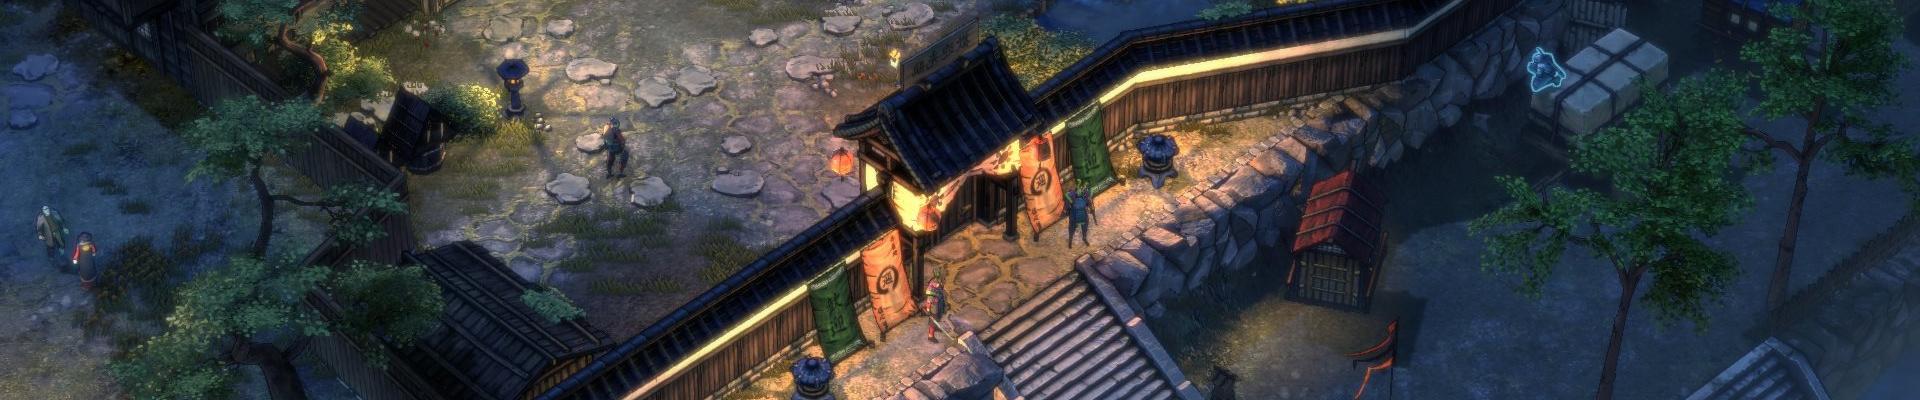 《影子战术:将军之刃》:幕府敢死队的复古浪漫谭